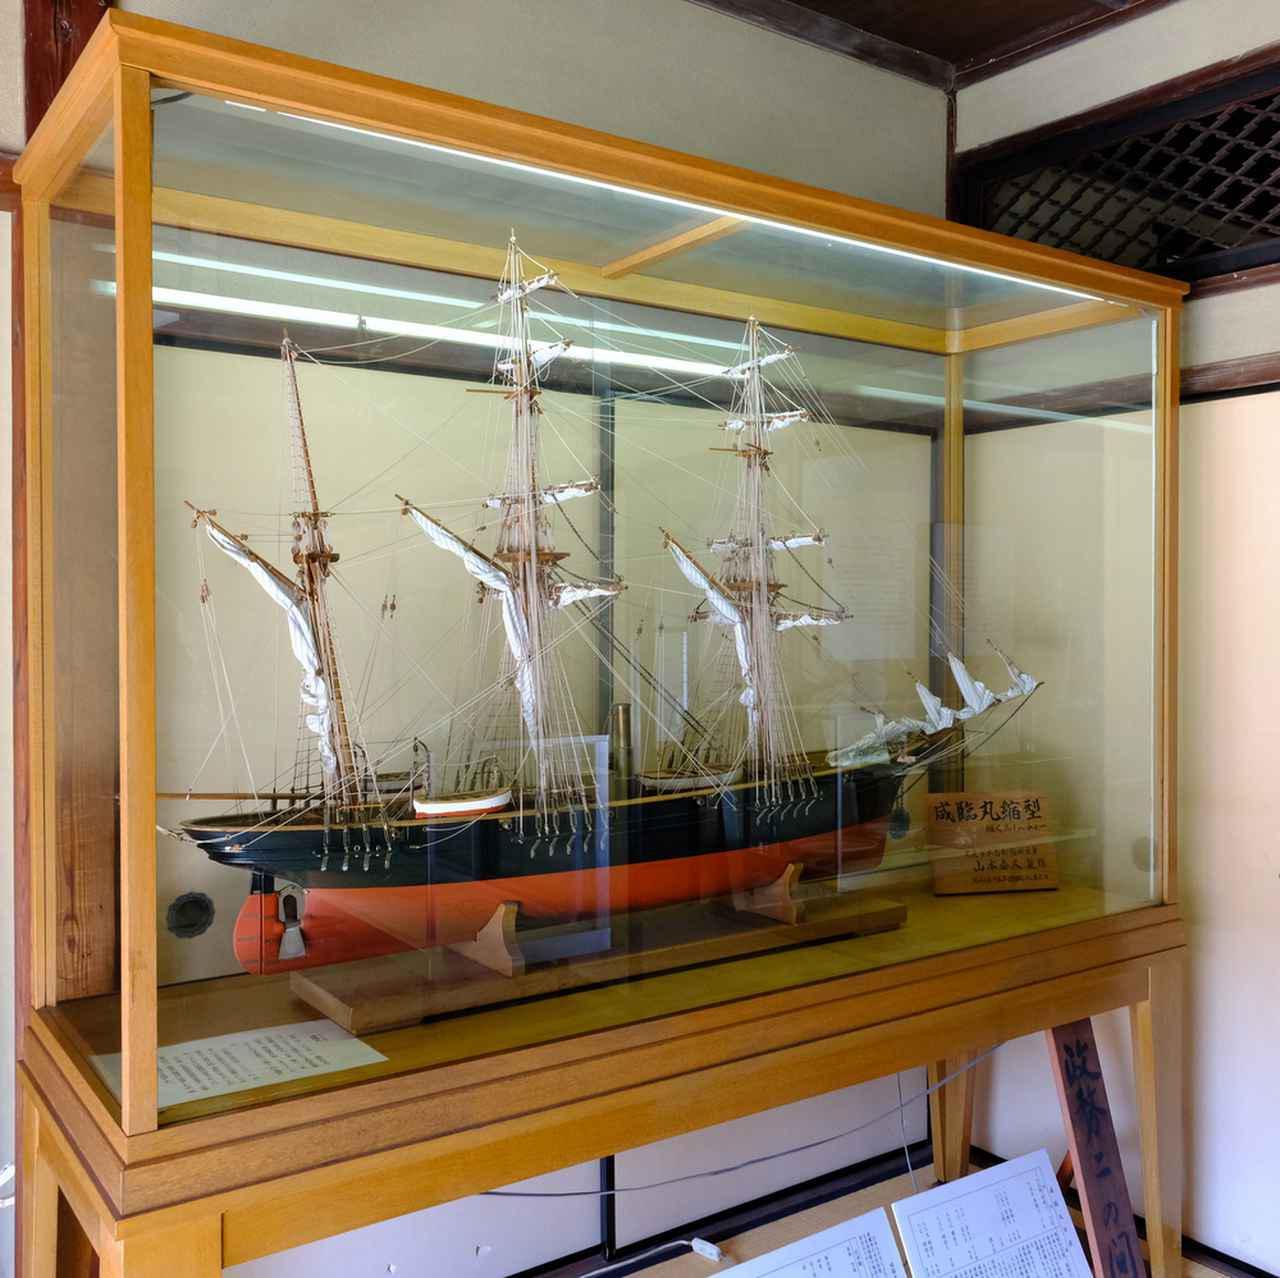 画像: 「咸臨丸」の模型。咸臨丸は「日米修好通商条約」批准のため、使節団を派遣する際の護衛艦として随行しました。乗組水夫50人のうち35人が塩飽出身者でした。